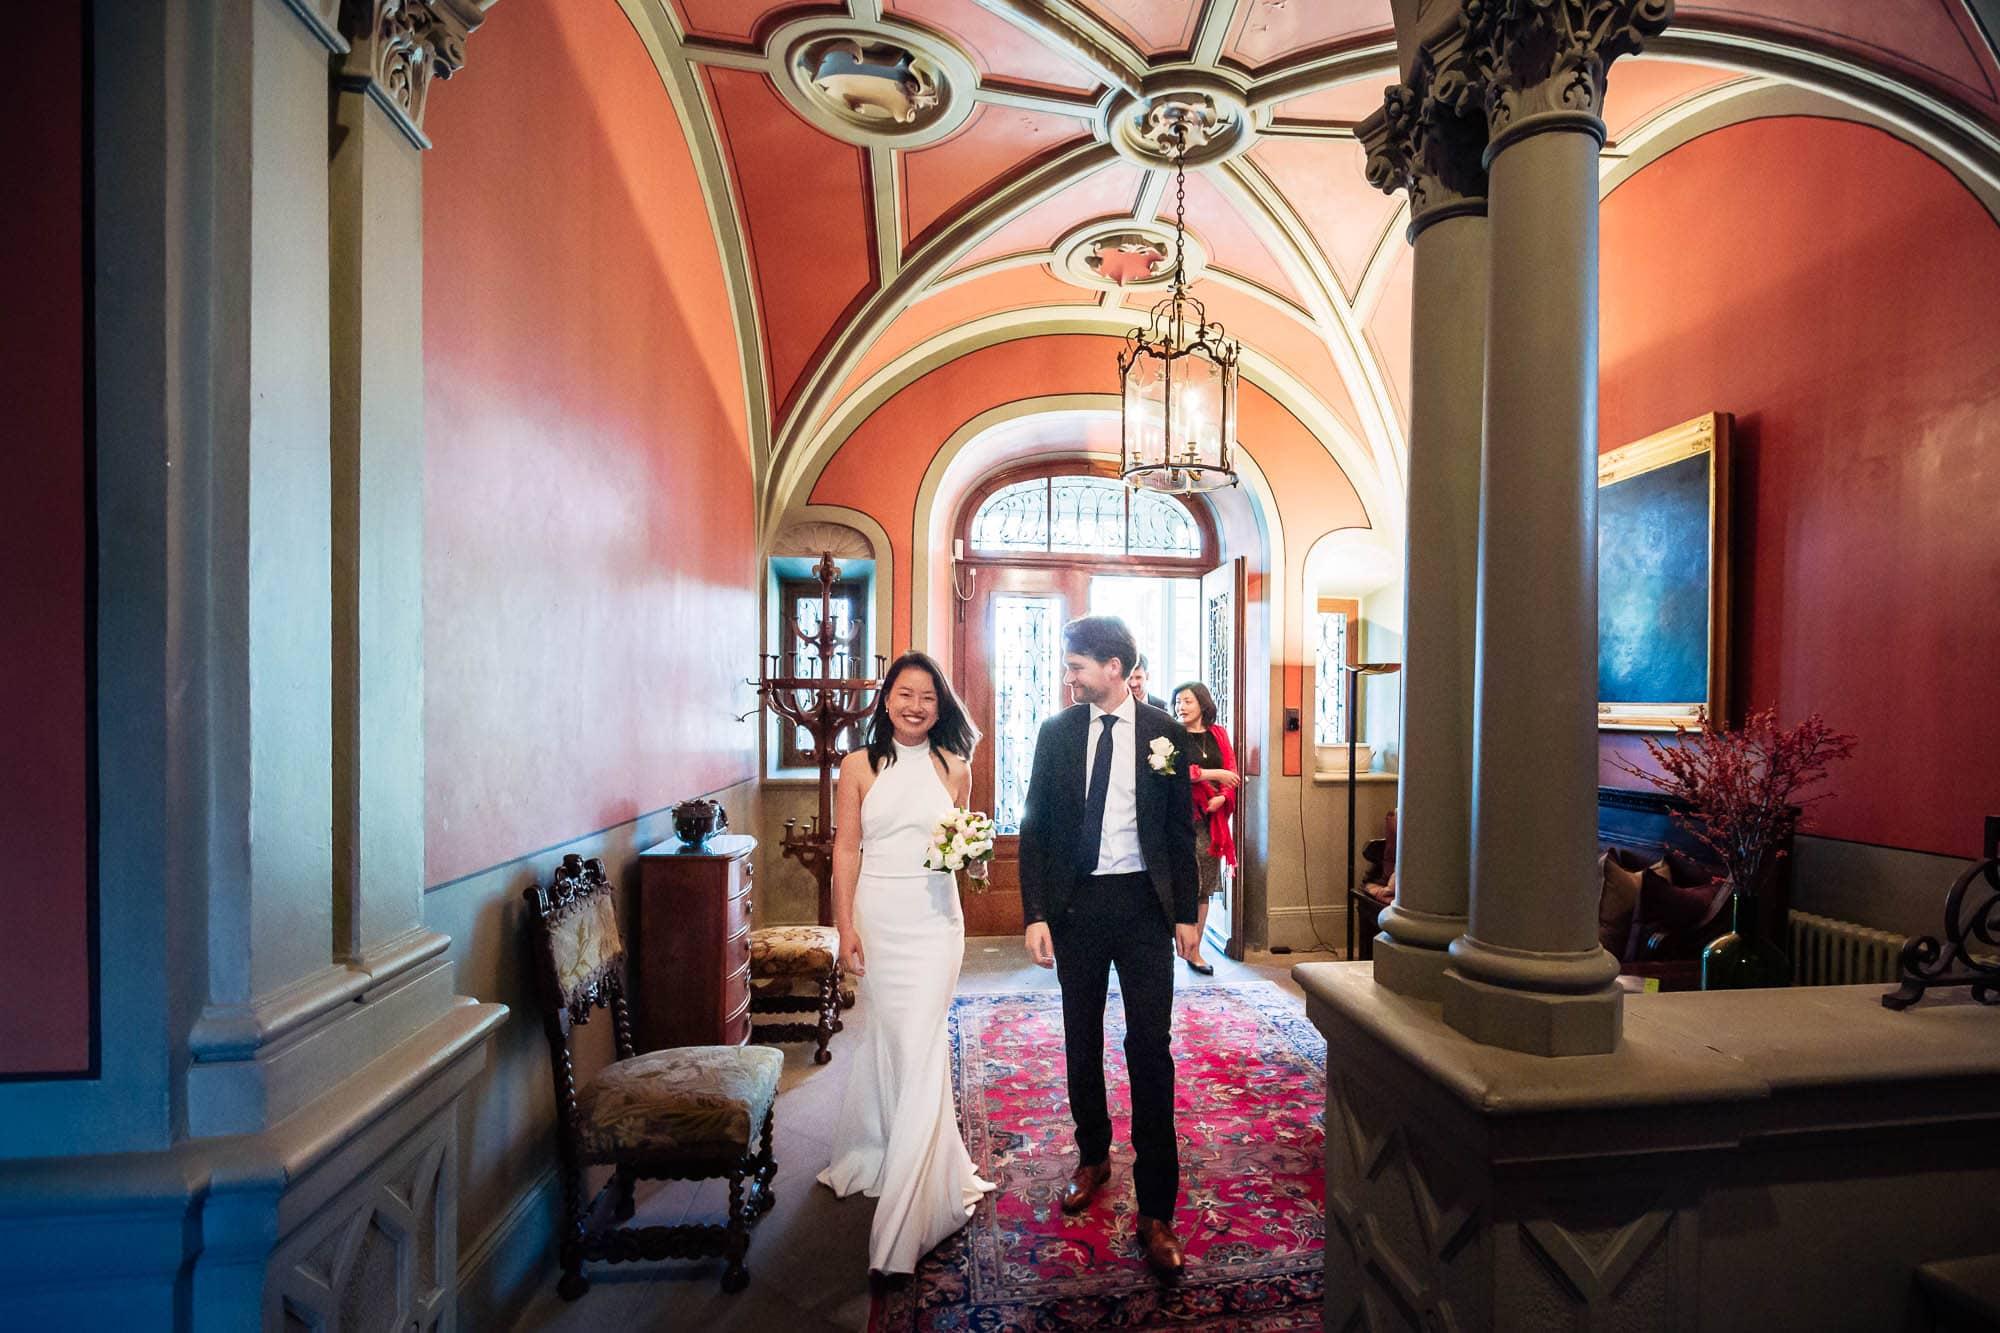 Brautpaar geht durch Foyer Richtung Trauzimmer